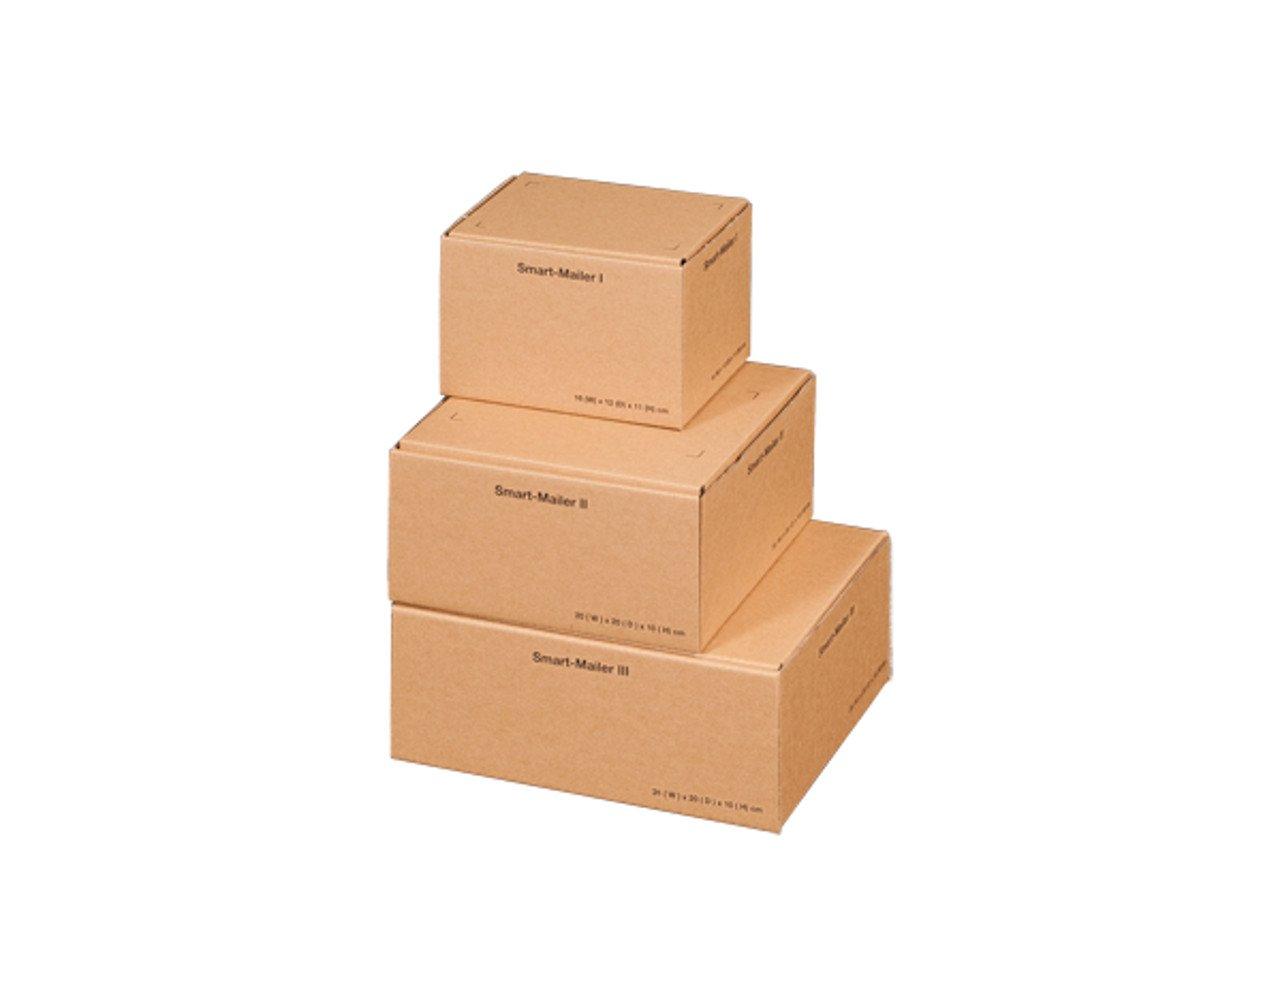 Cajas de cartón con tapa baratas, en 3 tamaños, 20 unidades., cartón corrugado, marrón, 200 x 200 x 100mm: Amazon.es: Hogar